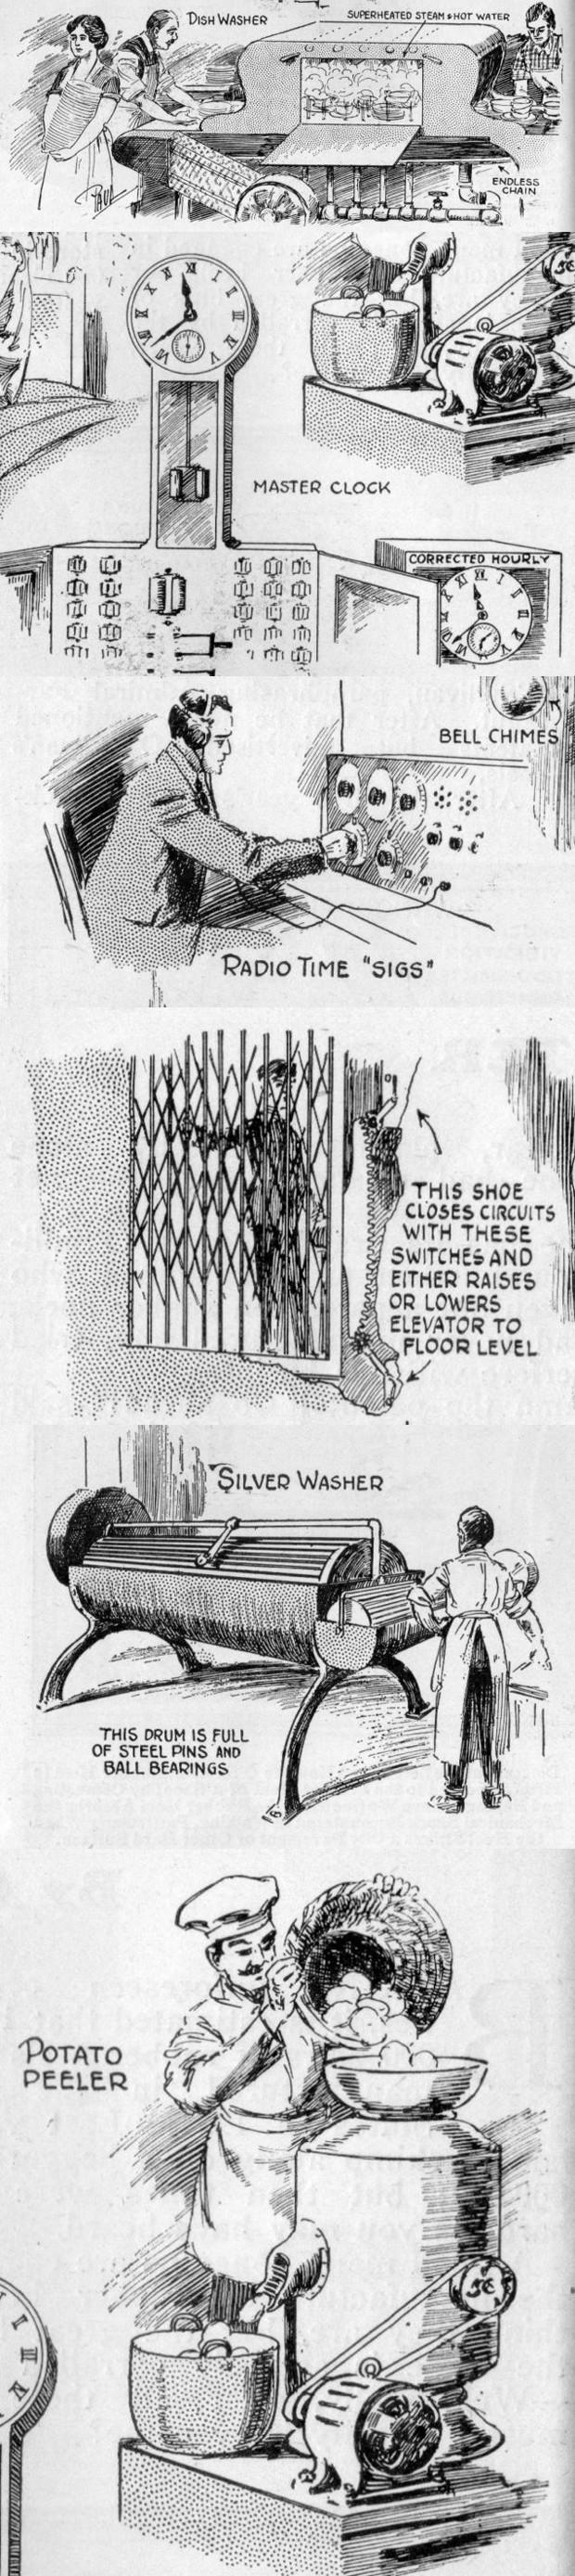 1920 yılının ileri teknolojisi işte böyleydi!